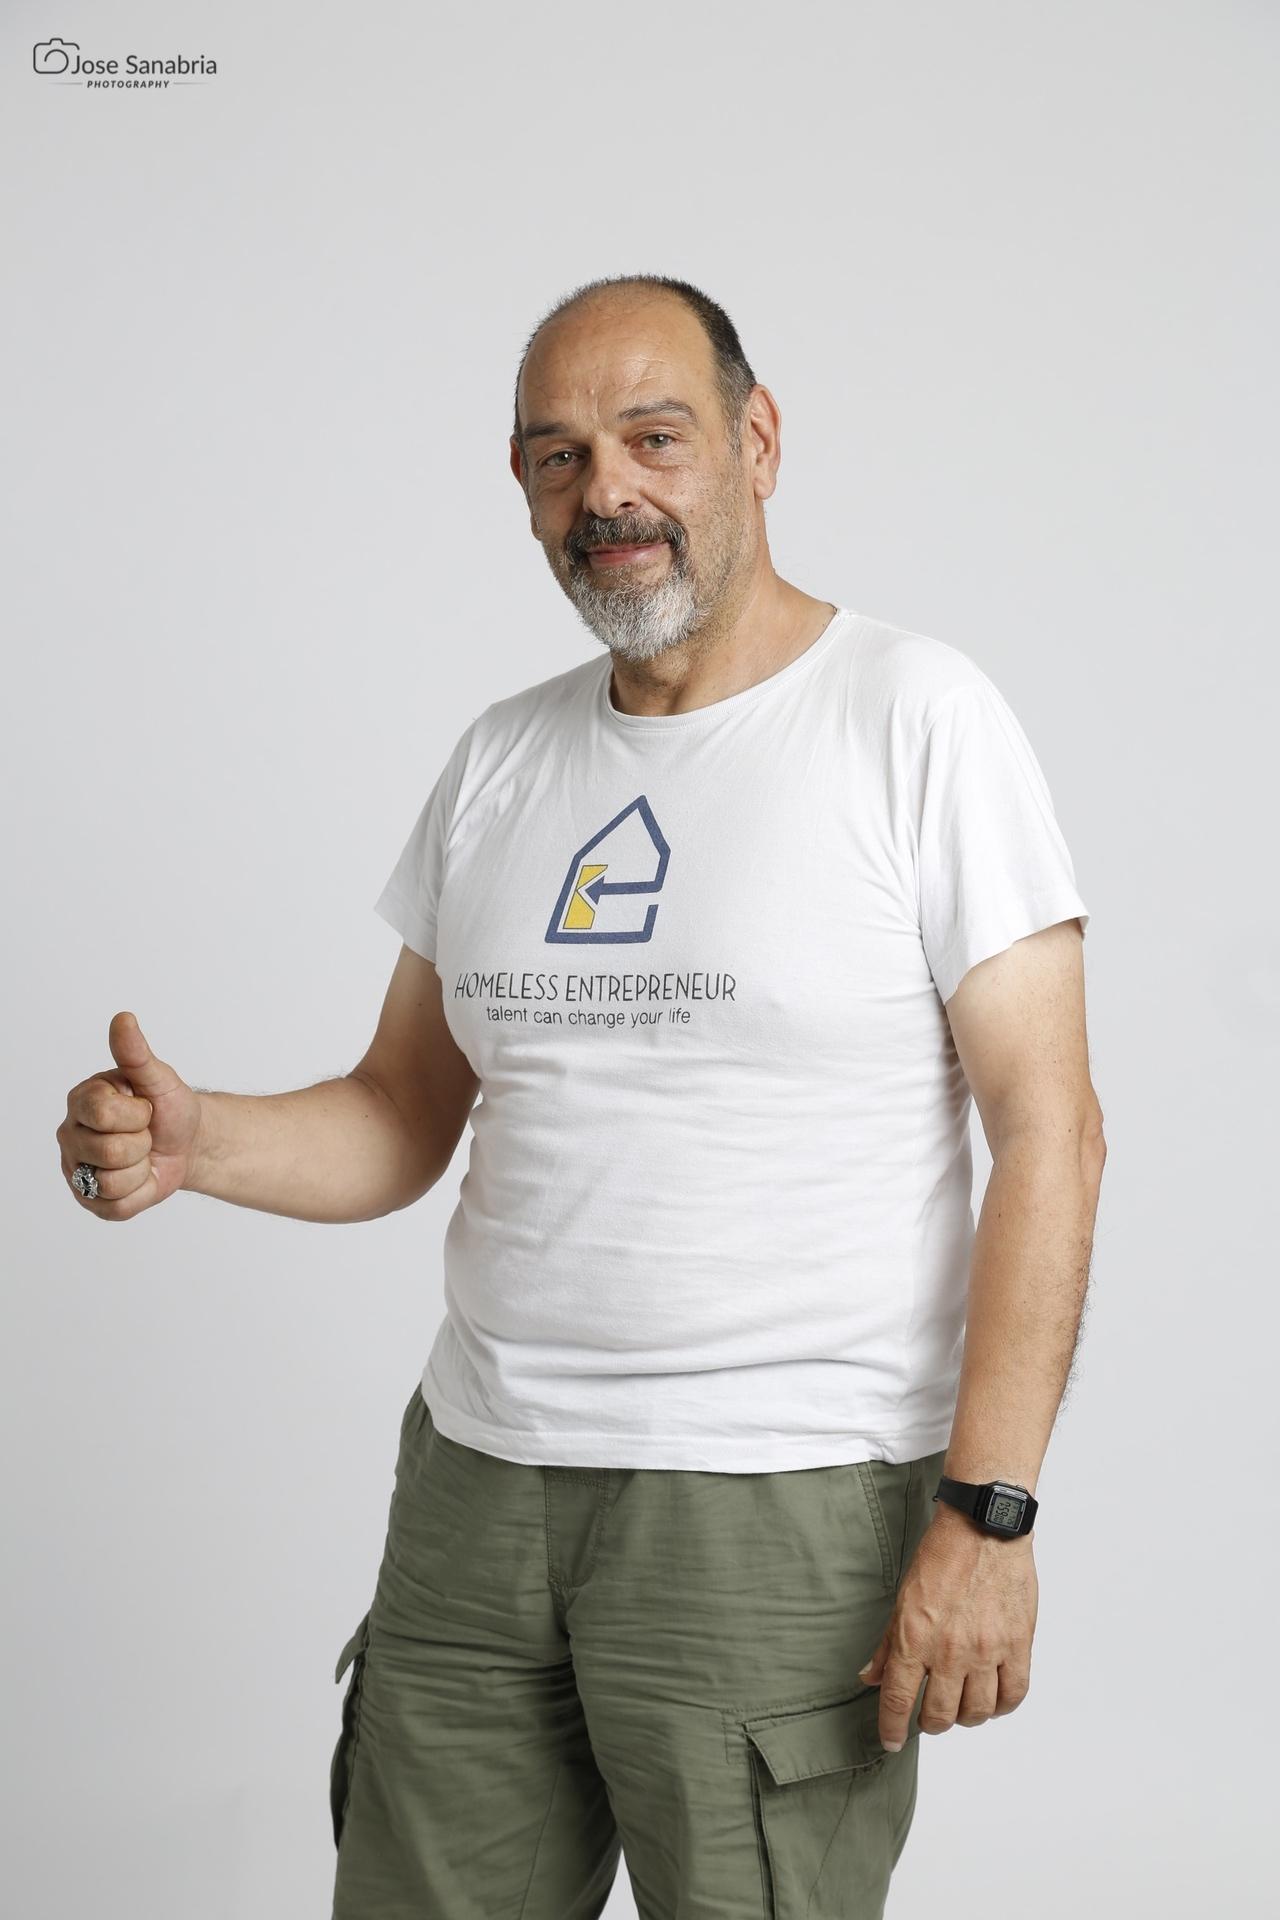 Una foto de Guillem, un #HomelessEntrepreneur, que sacó José en The Garage Studio durante la sesión de fotografía de la 35 edición de #TodosDurmiendoEnLaCalle.